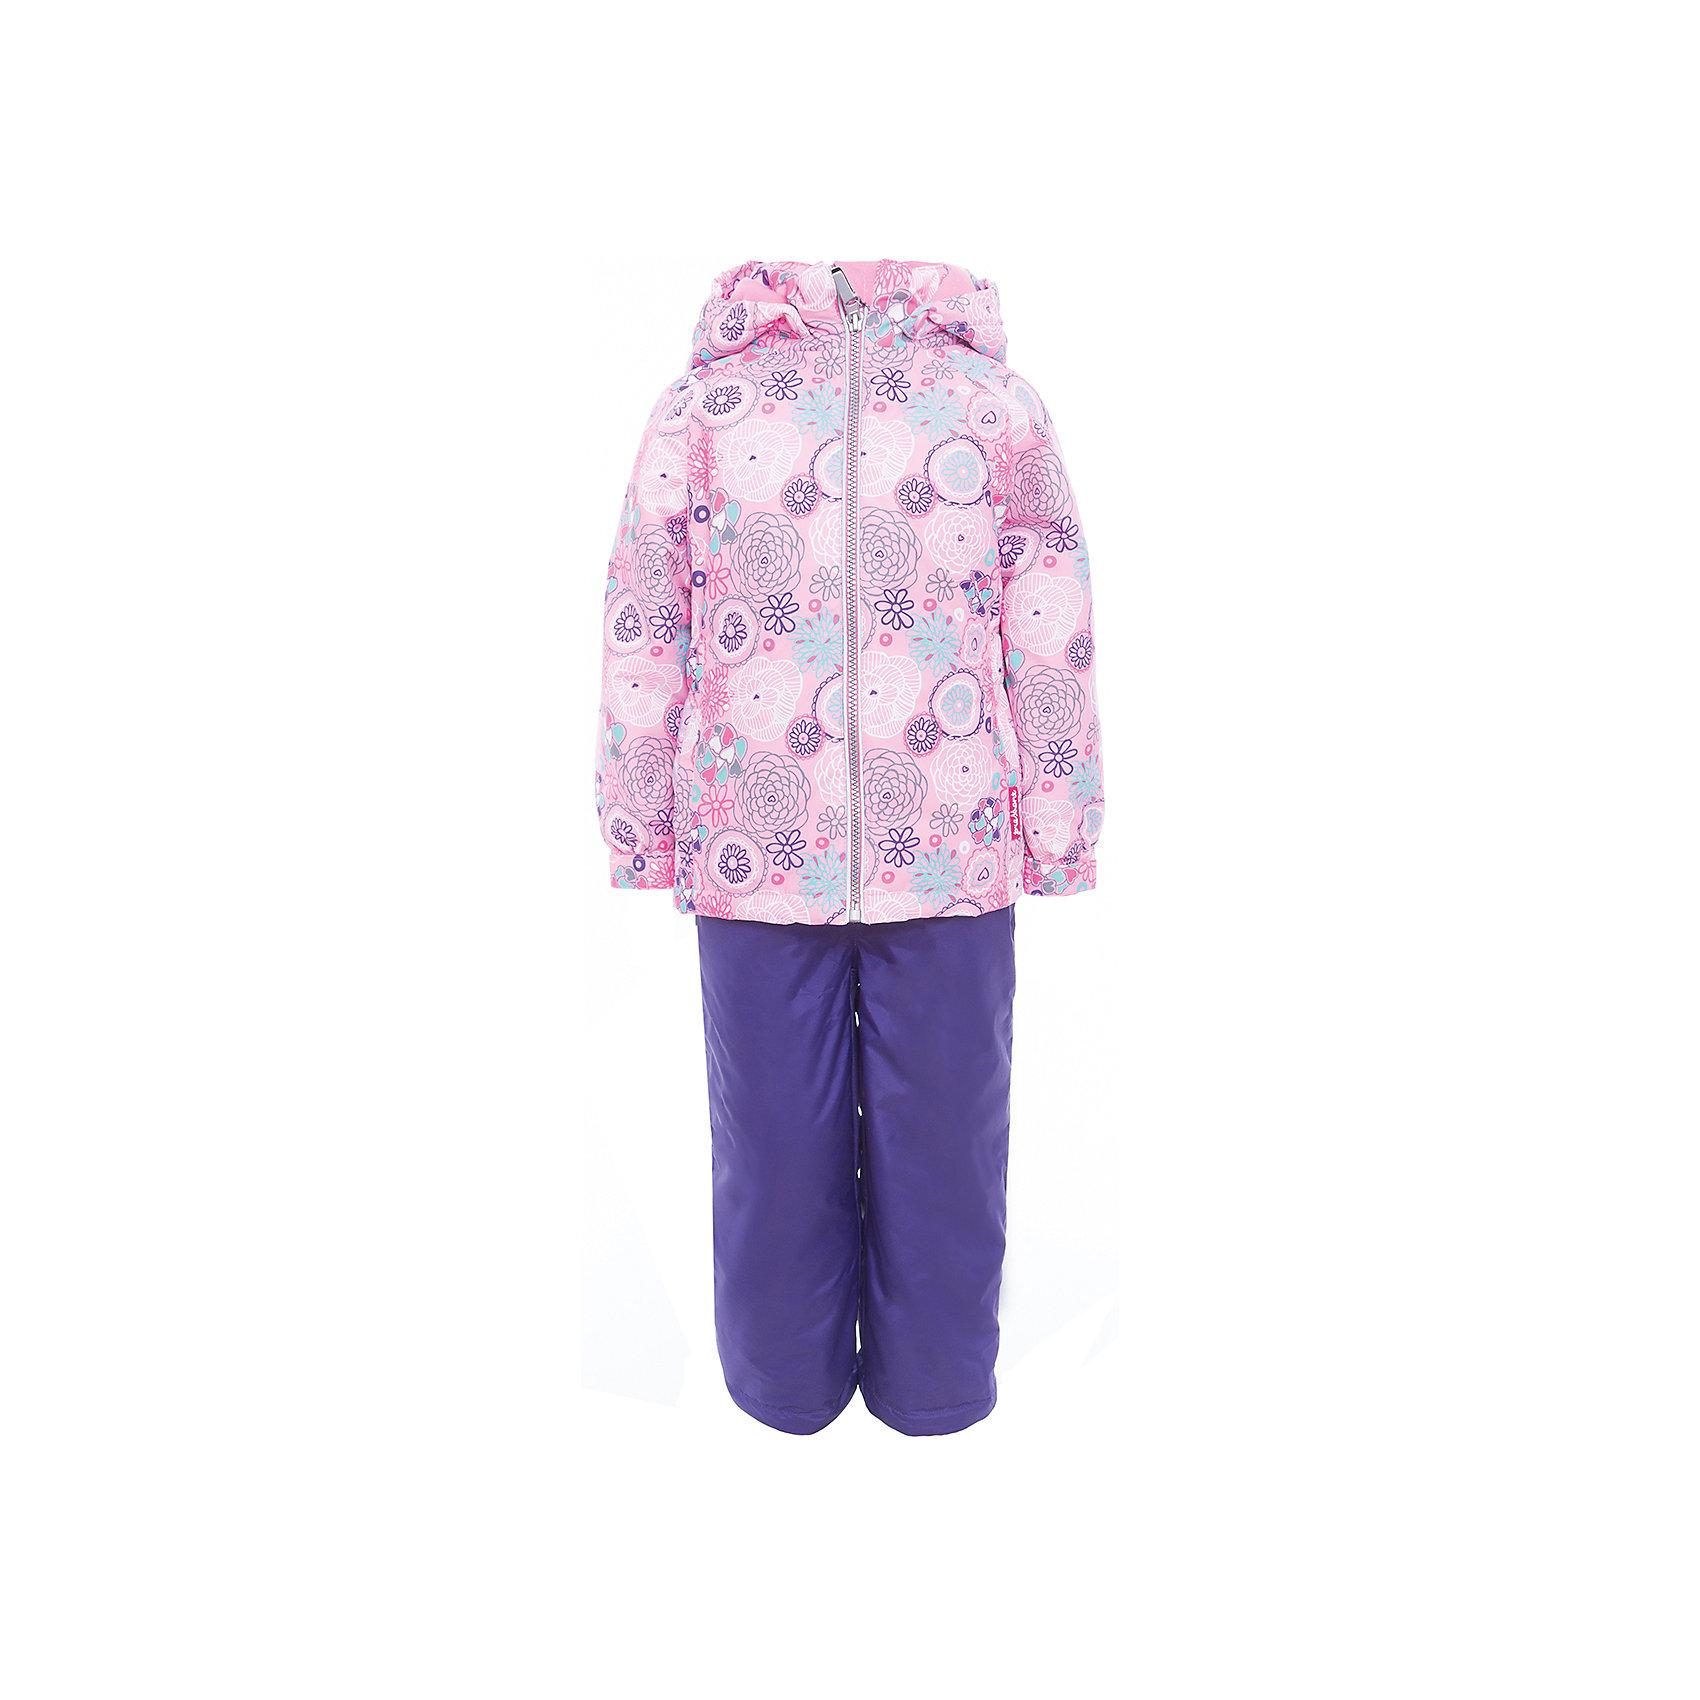 Комплект: куртка и полукомбинезон для девочки PremontВерхняя одежда<br>Характеристики товара:<br><br>• цвет: розовый, фиолетовый<br>• состав: 100% полиэстер, мембрана 3000 мм/ 3000 г/м ?/24h<br>• подкладка: тафетта, трикотаж с ворсом на воротнике и в капюшоне<br>• утеплитель: Tech-Polyfill, в куртке 120 г/м2,  в брюках 80 г/м2<br>• комплектация: куртка и полукомбинезон<br>• температурный режим: от -5° С до +10° С<br>• водонепроницаемый материал<br>• съемный капюшон<br>• силиконовые съемные штрипки<br>• брюки с утяжкой на талии<br>• светоотражающие элементы<br>• молния<br>• страна бренда: Канада<br><br>Этот демисезонный комплект из куртки и полукомбинезона поможет обеспечить ребенку комфорт и тепло. Материал отлично подходит для дождливой погоды. Для производства продукции используются только безопасные, проверенные материалы и качественная фурнитура. Порадуйте ребенка модными и красивыми вещами от Premont! <br><br>Комплект: куртка и полукомбинезон для девочки от известного бренда Premont можно купить в нашем интернет-магазине.<br><br>Ширина мм: 356<br>Глубина мм: 10<br>Высота мм: 245<br>Вес г: 519<br>Цвет: розовый<br>Возраст от месяцев: 36<br>Возраст до месяцев: 48<br>Пол: Женский<br>Возраст: Детский<br>Размер: 104,110,116,122,128,134,140,146,152,92,98<br>SKU: 5352979